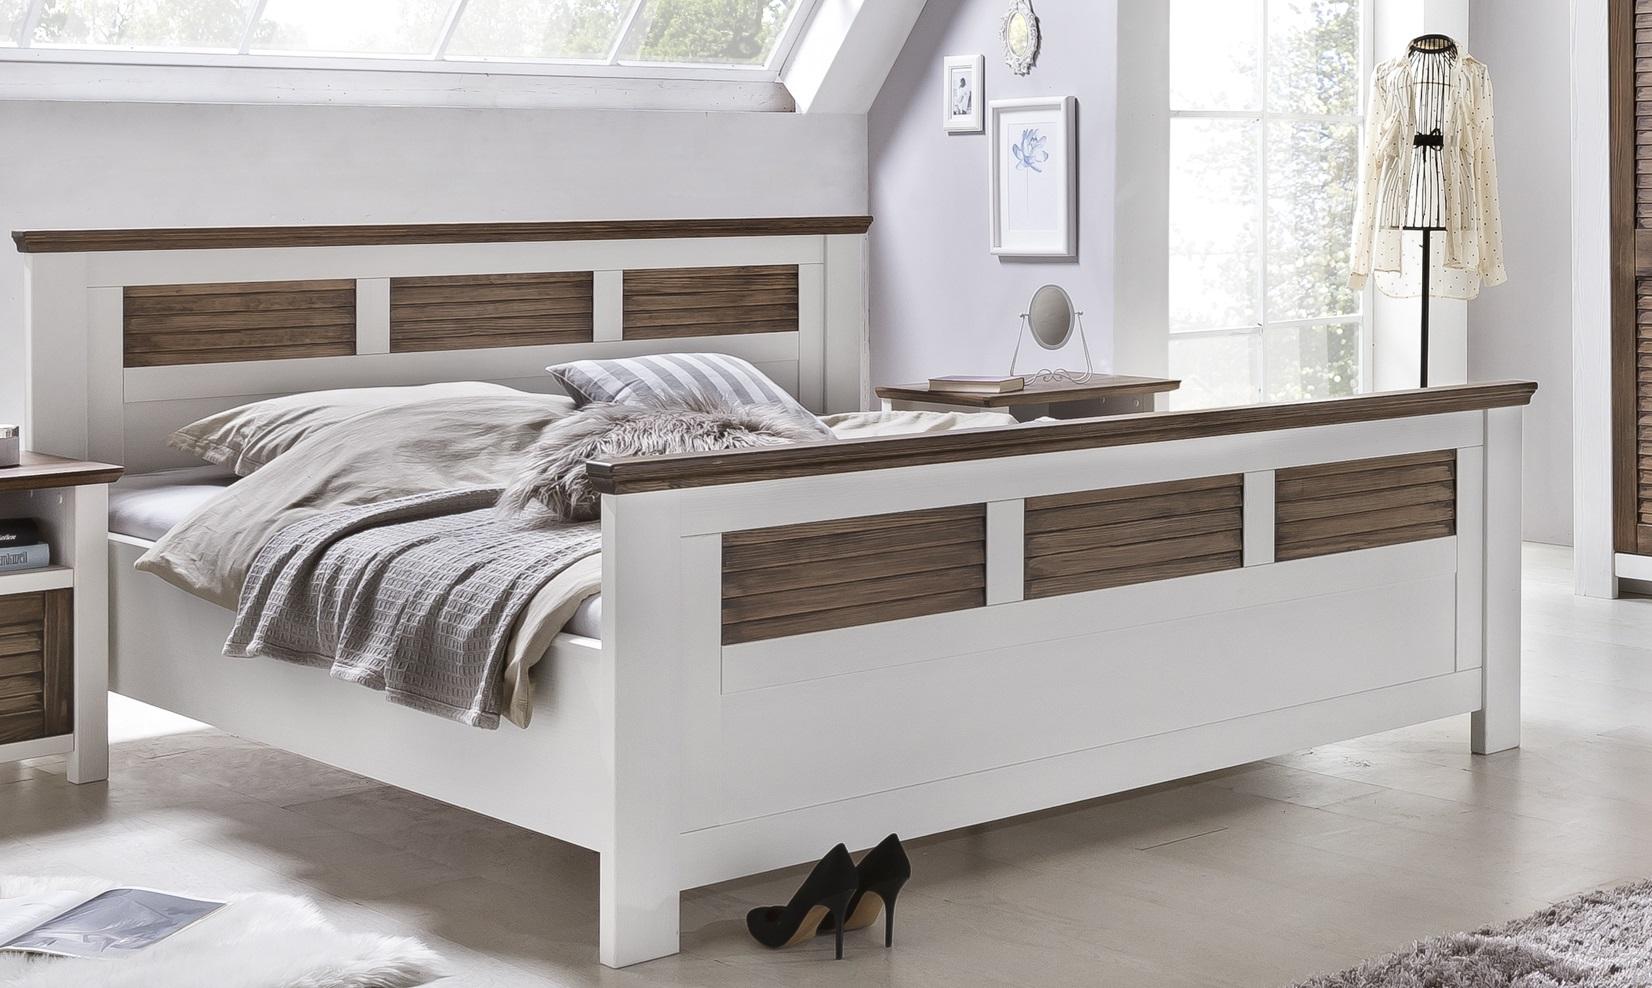 Schlafzimmer Laguna Pinie teilmassiv weiß Abs. 160x200 cm-Type 44/52 ...